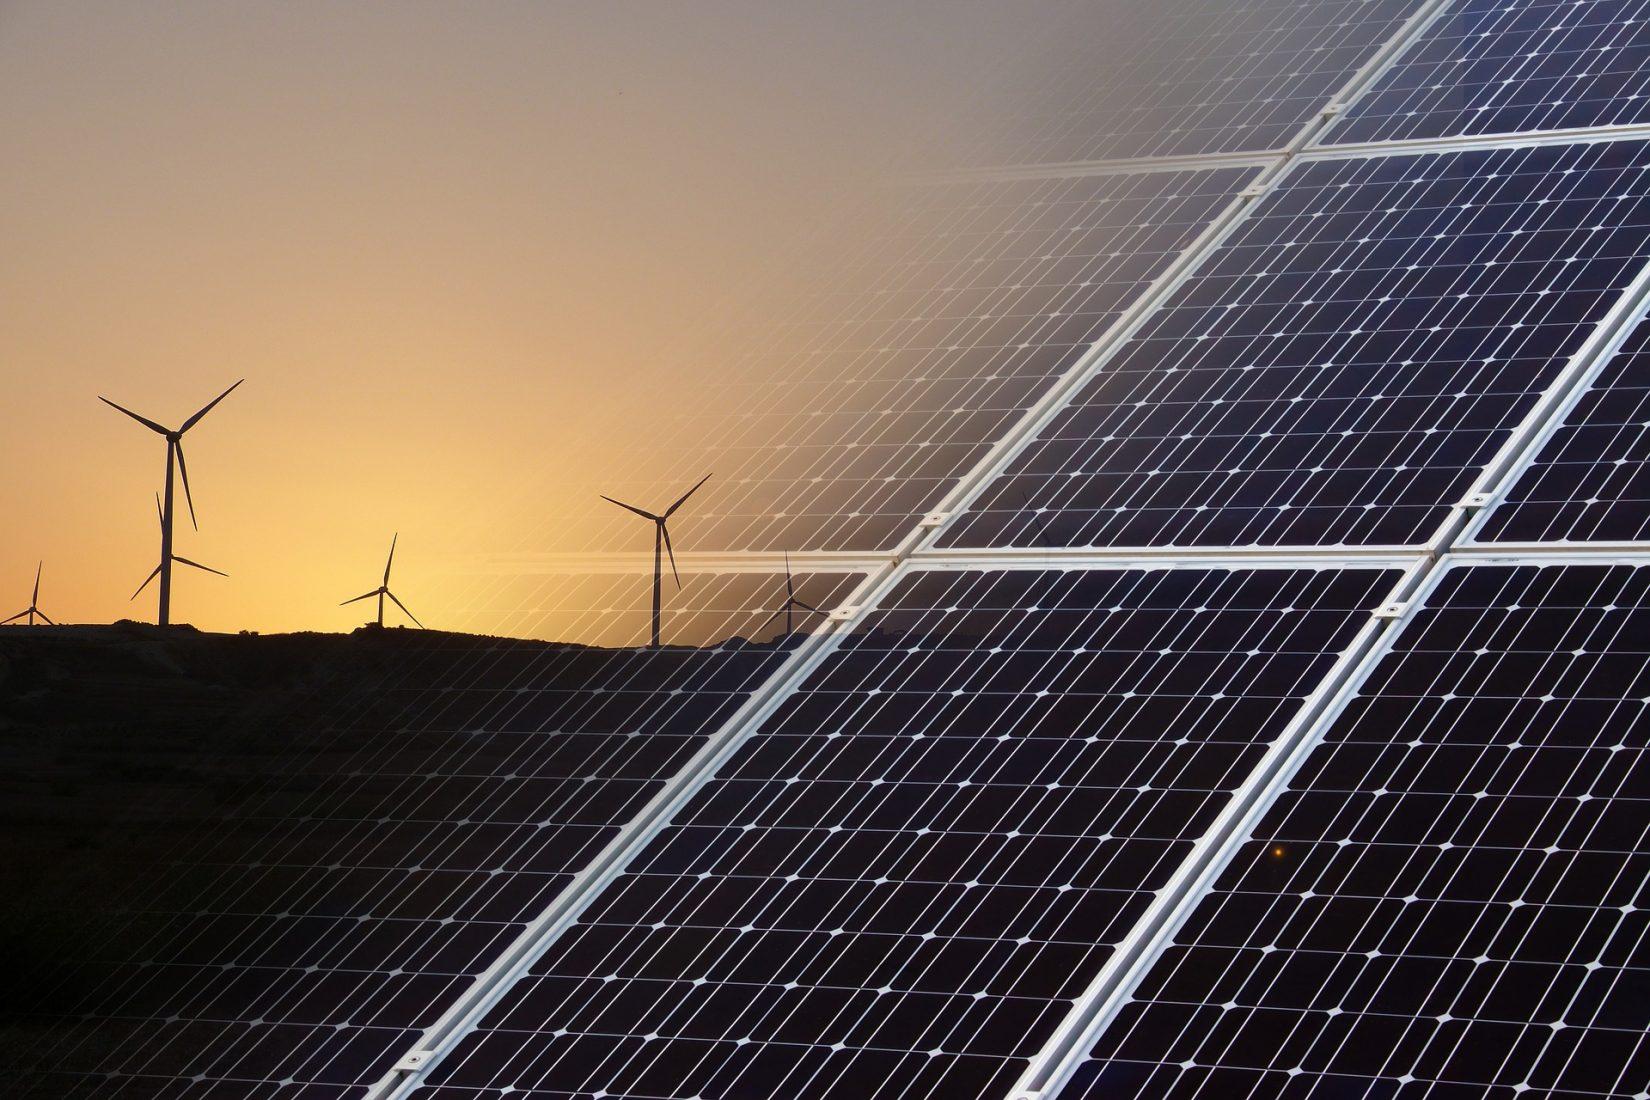 Windräder und Photovoltaik werden immer wichtiger für die Stromerzeugung. Foto: Pixabay